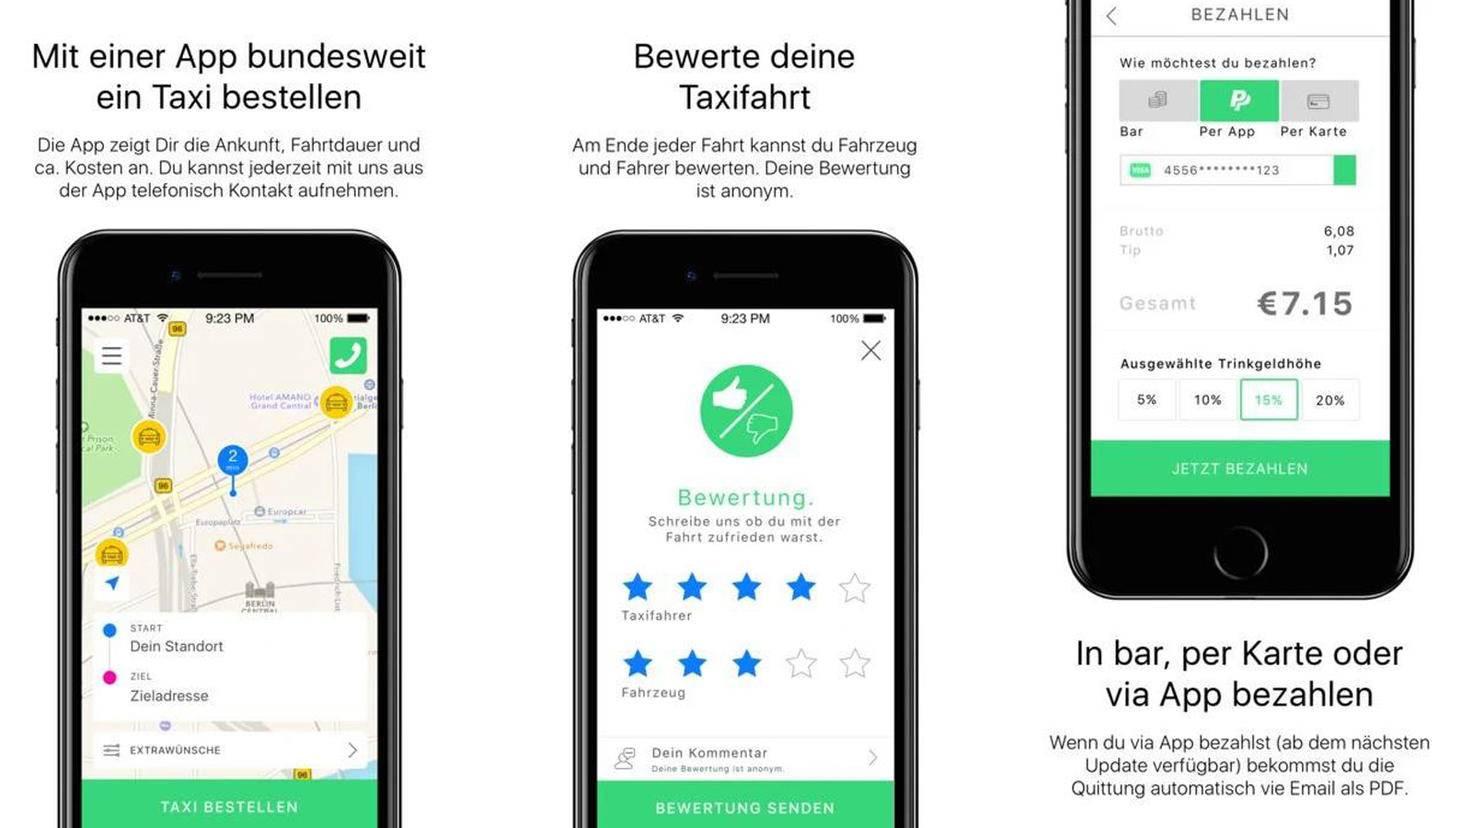 Taxi Deutschland-Google PlayStore-Taxi Deutschland Serviceges für Taxizentralen eG